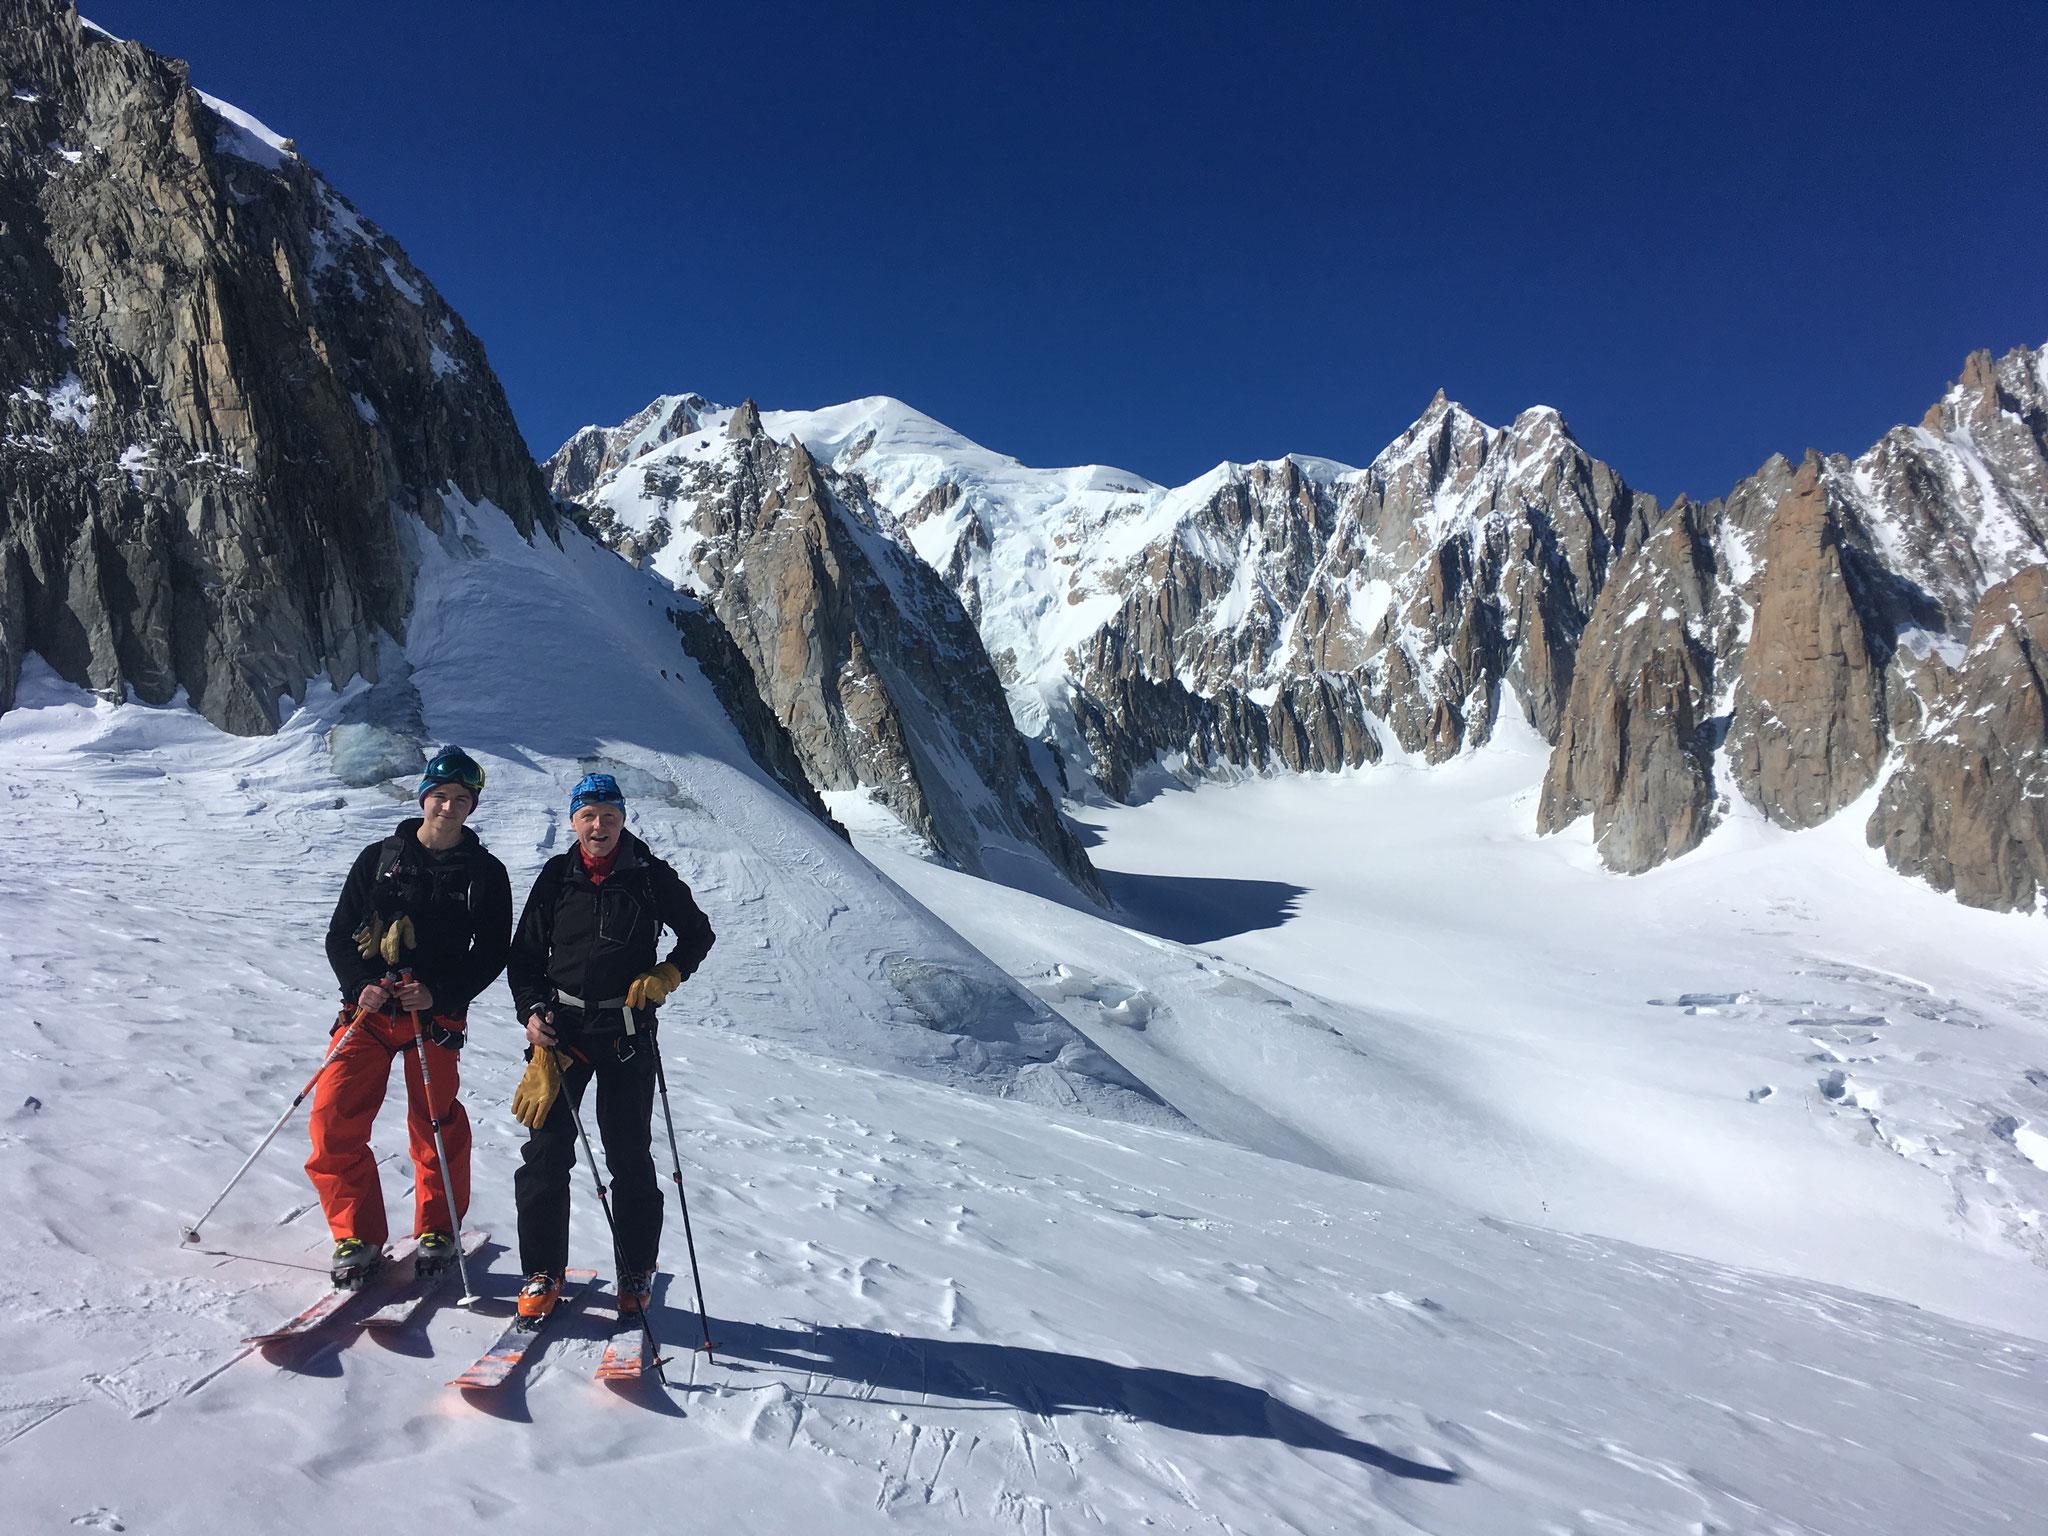 Chris et Peter avant la descente au pied de l'Aiguille de Toule